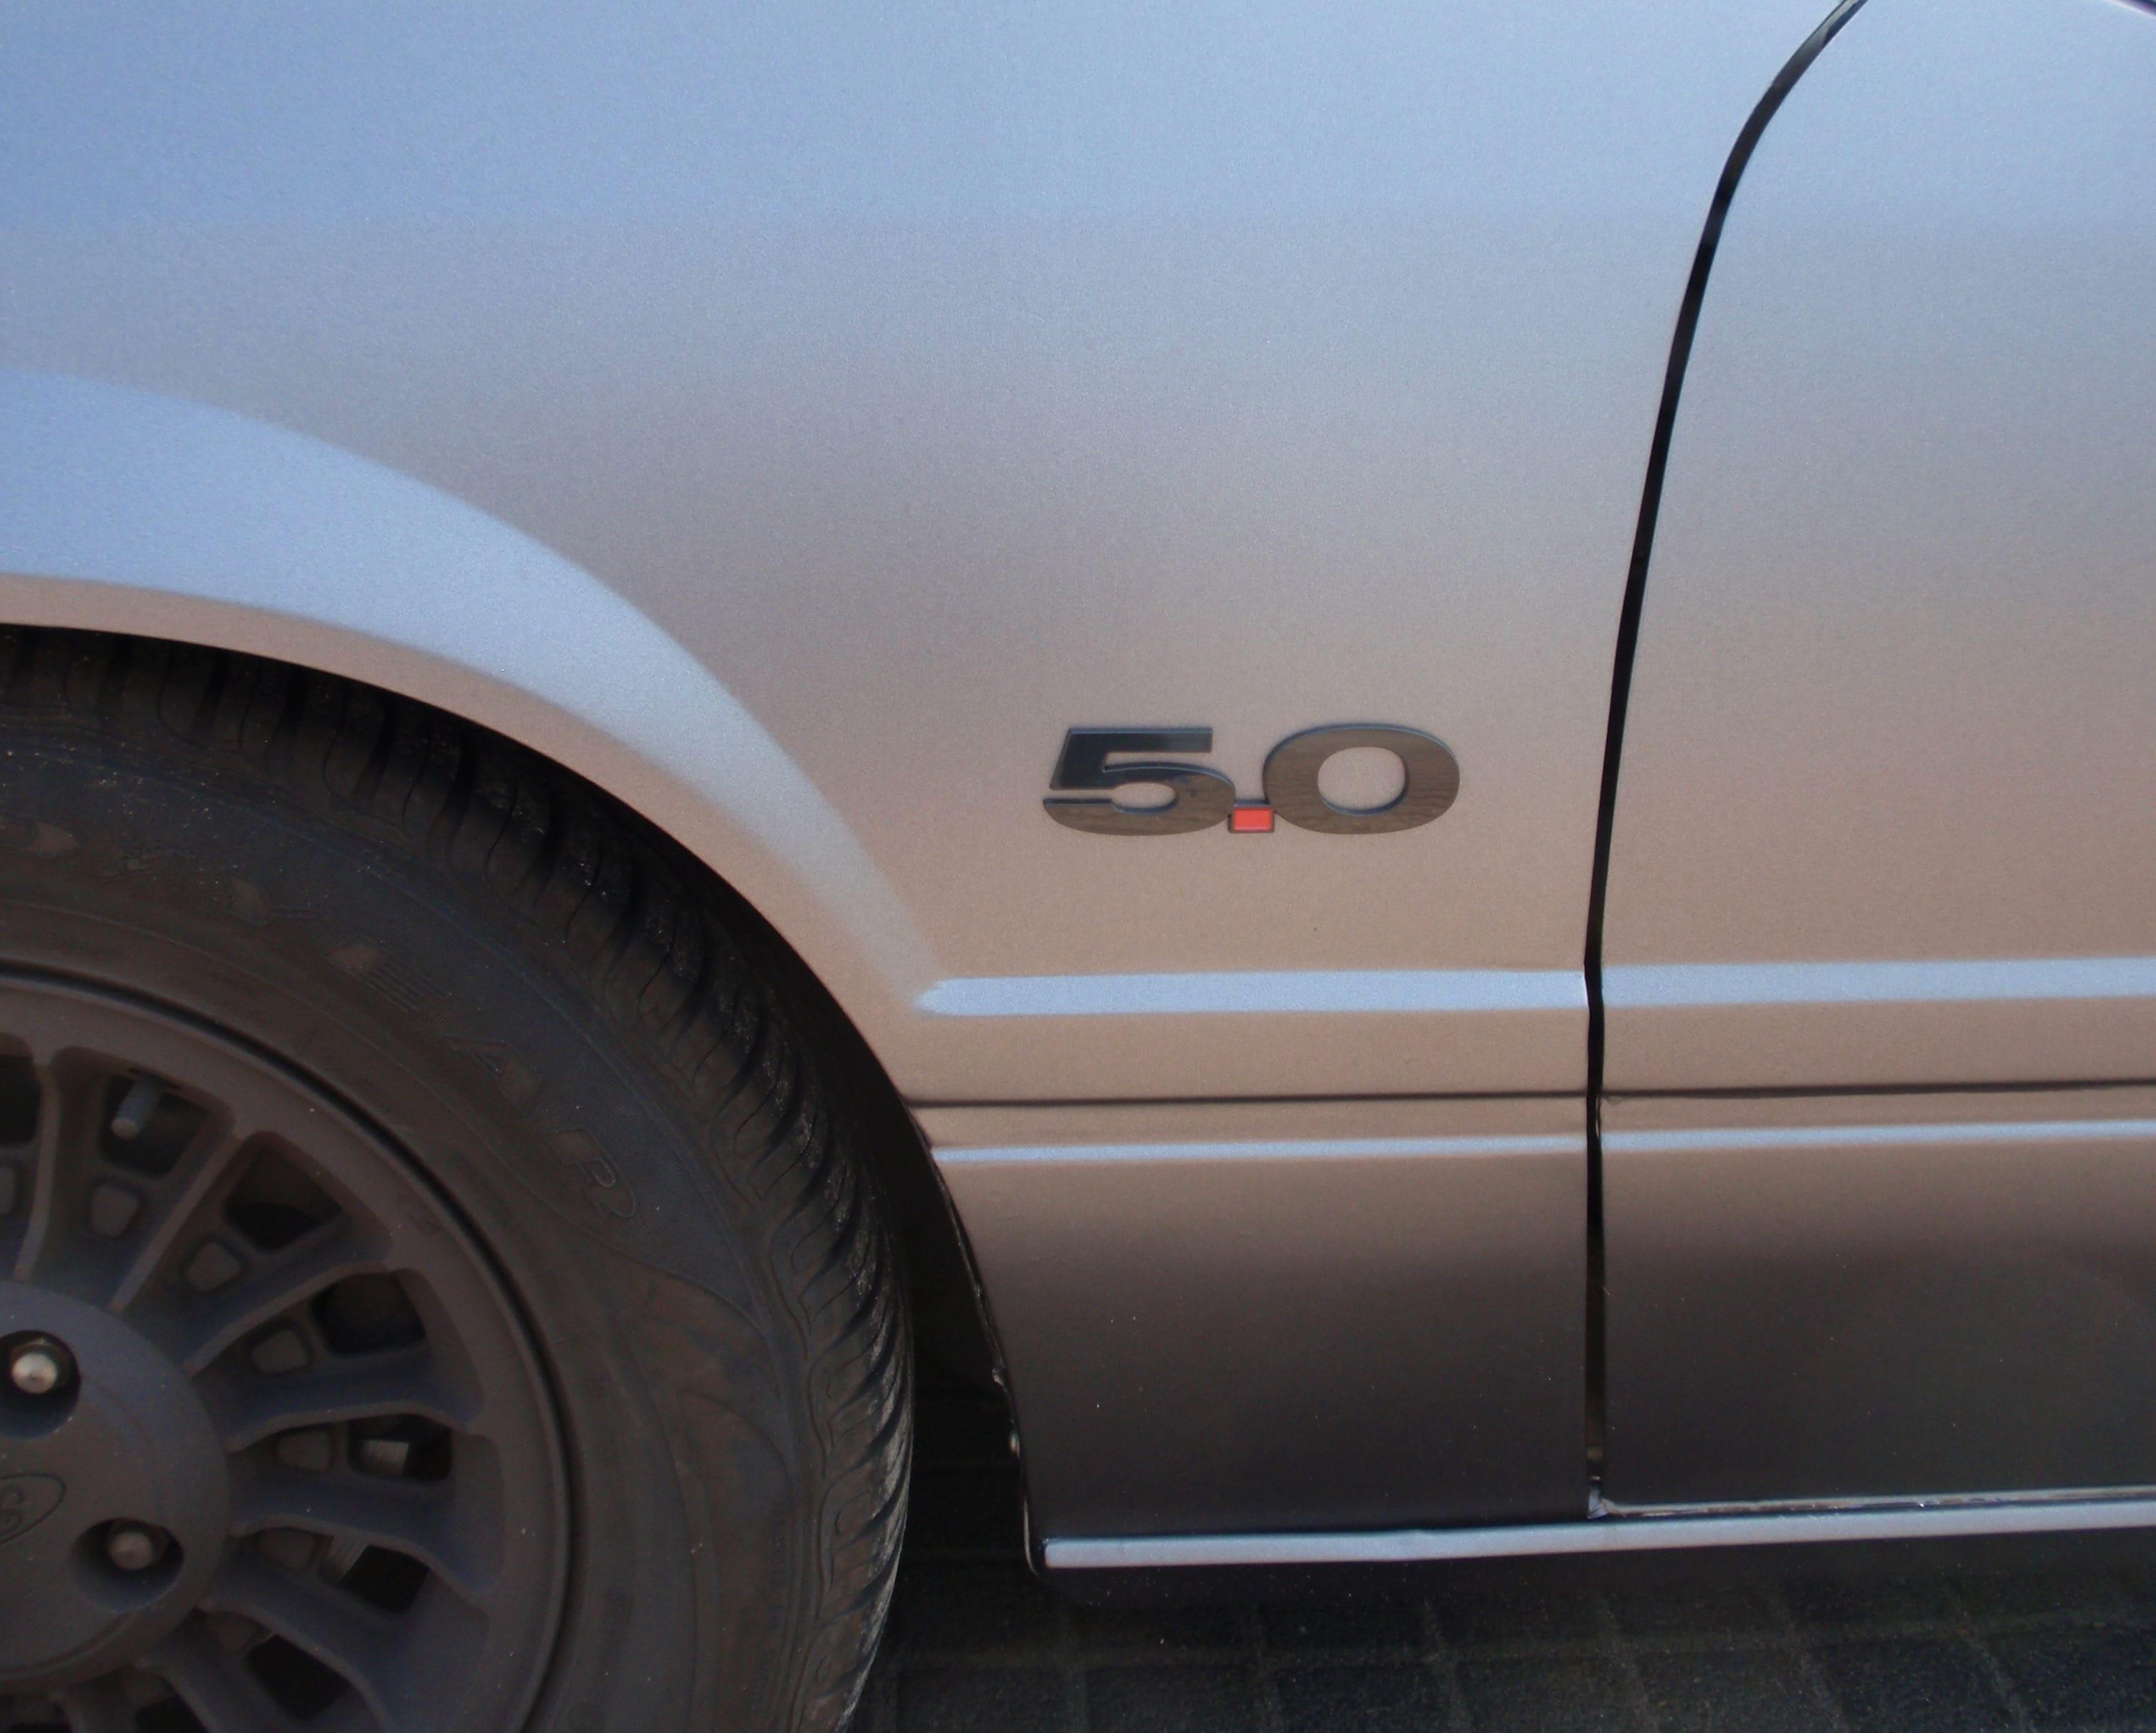 Ford Mustang Mach 3 met Mat Zwarte Wrap, Carwrapping door Wrapmyride.nu Foto-nr:5838, ©2020